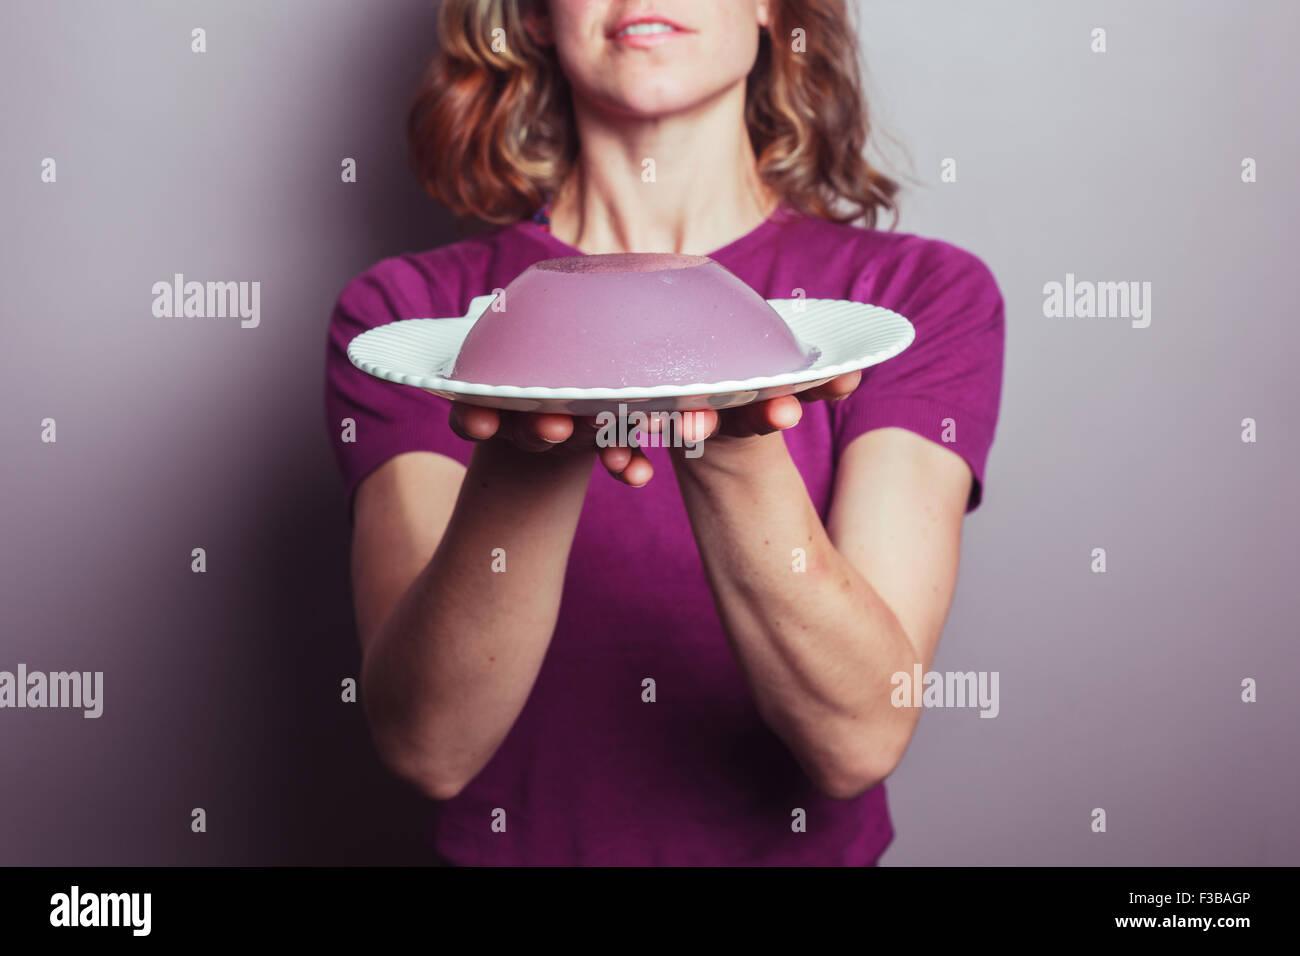 Une jeune femme en pourpre présente une assiette de gelée Photo Stock